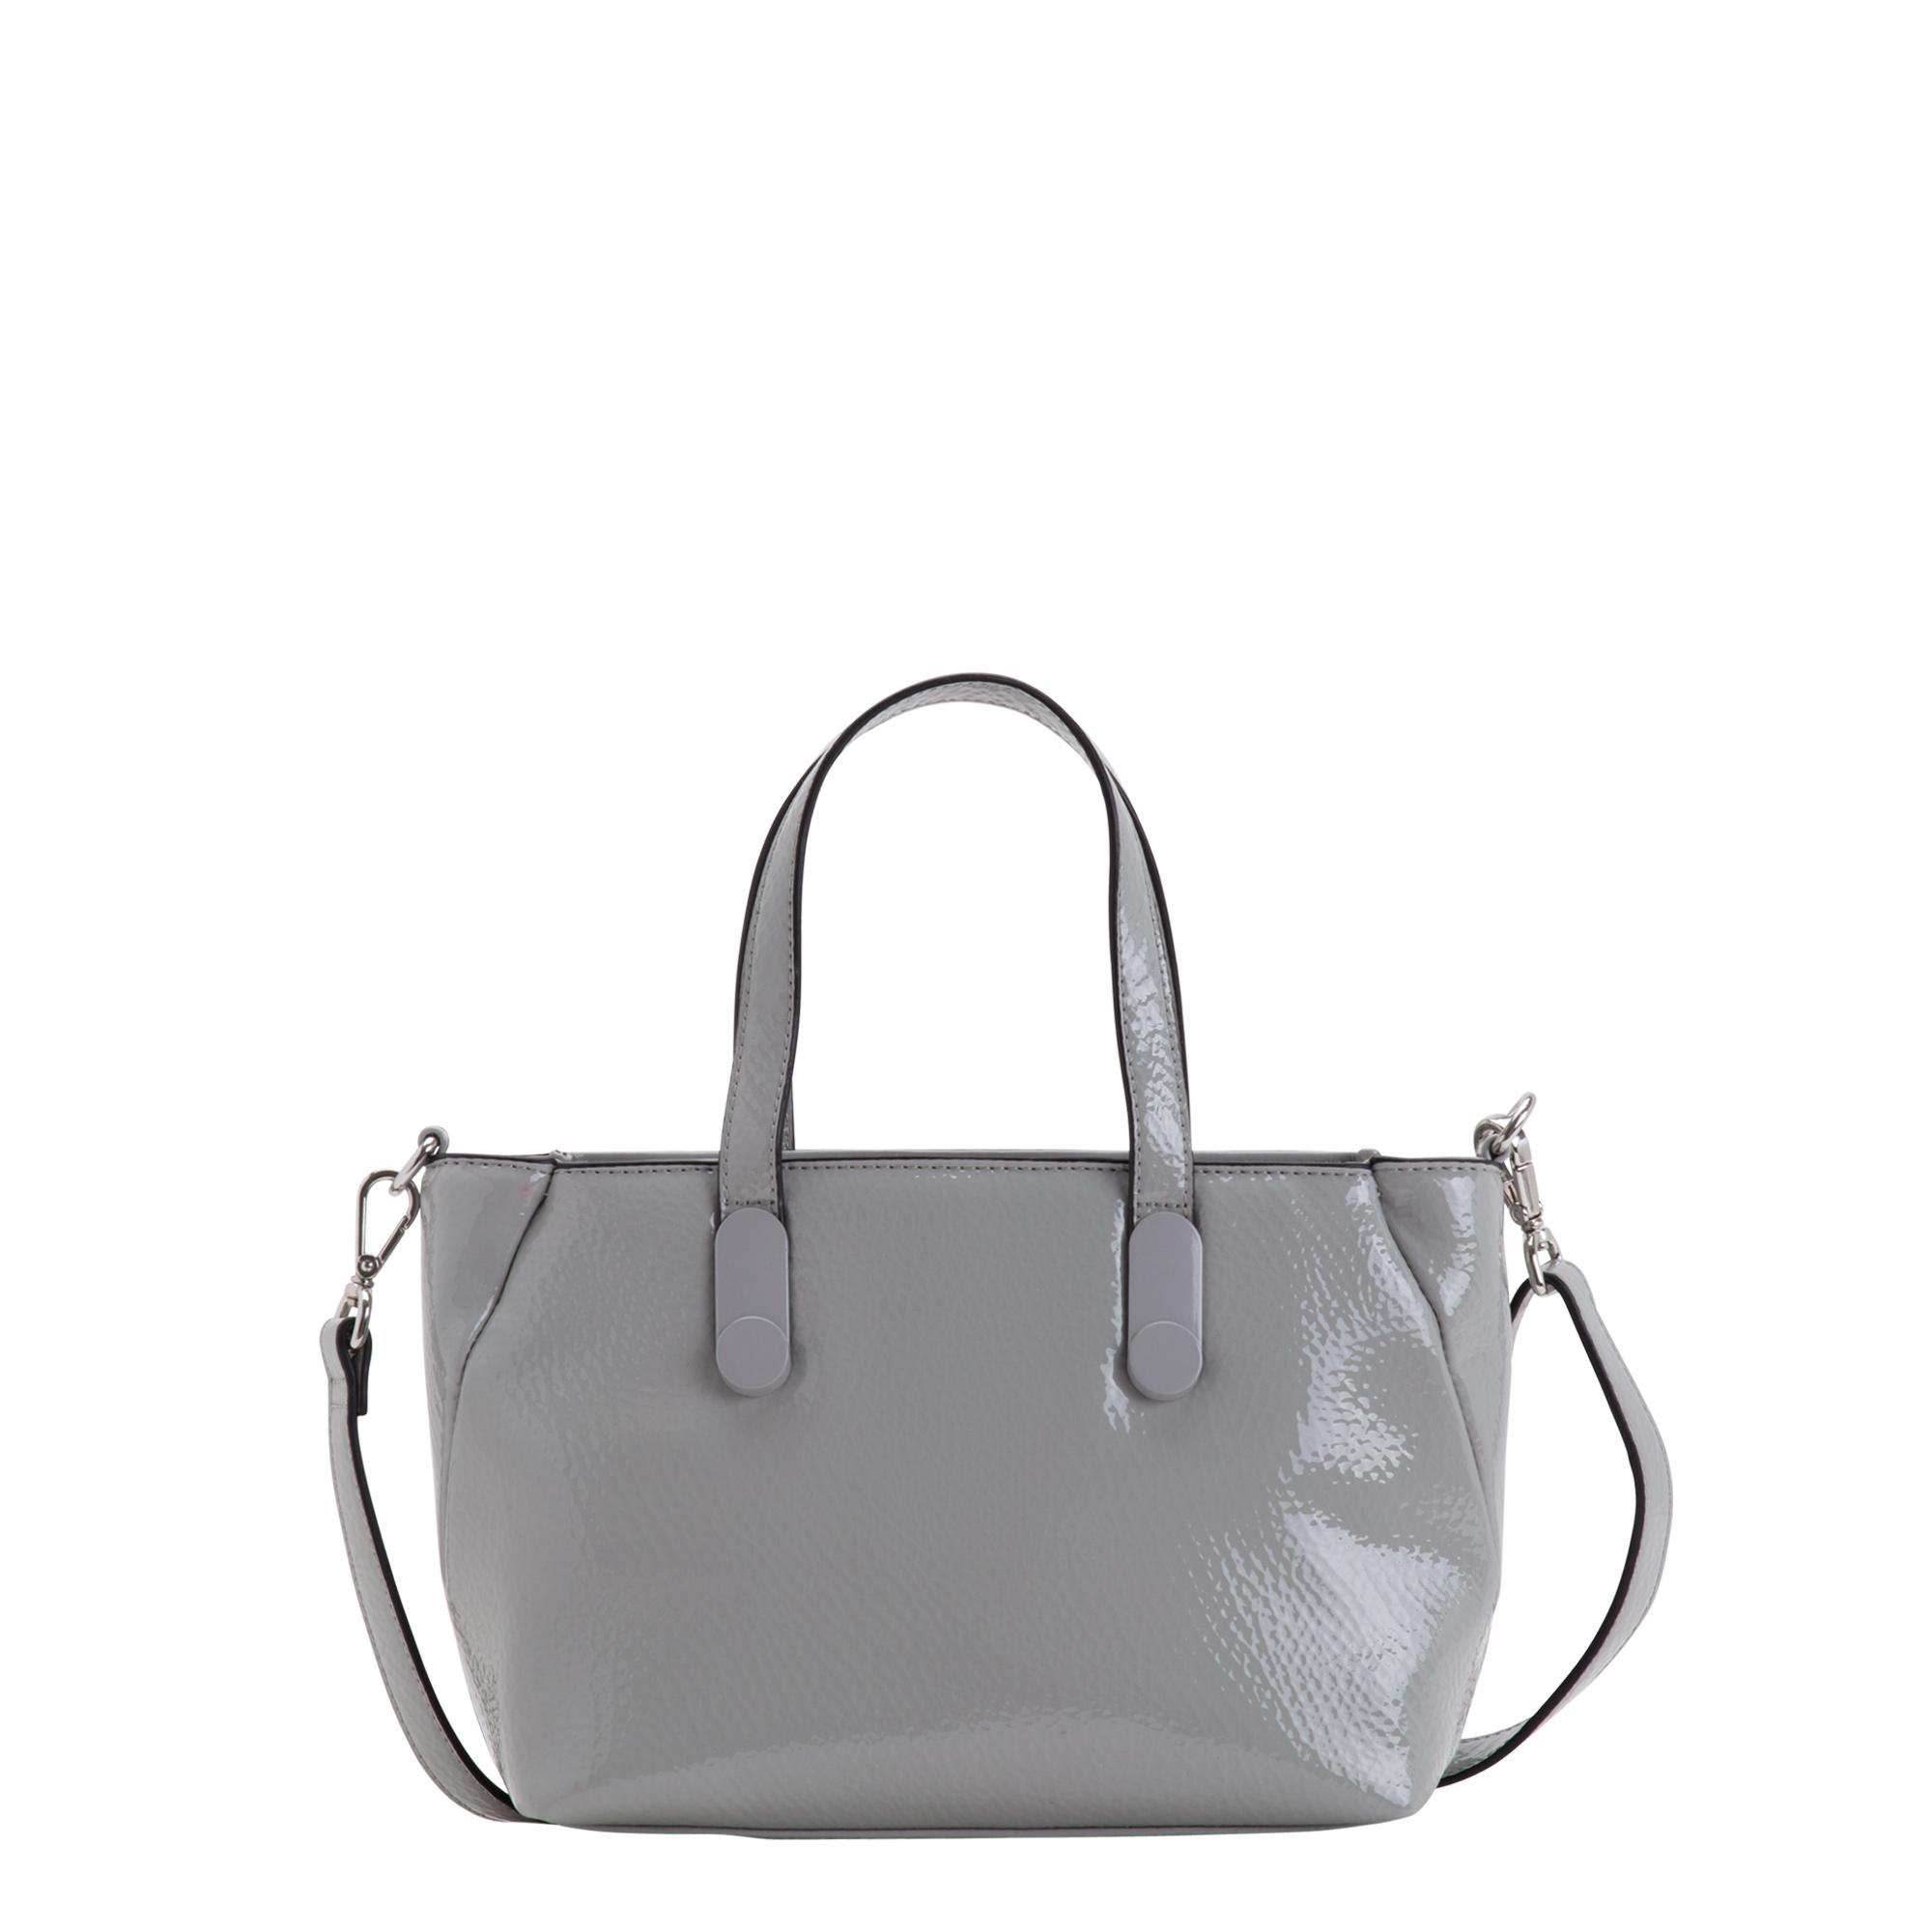 2000x2000 Handheld Mini Tote Bag With Zip